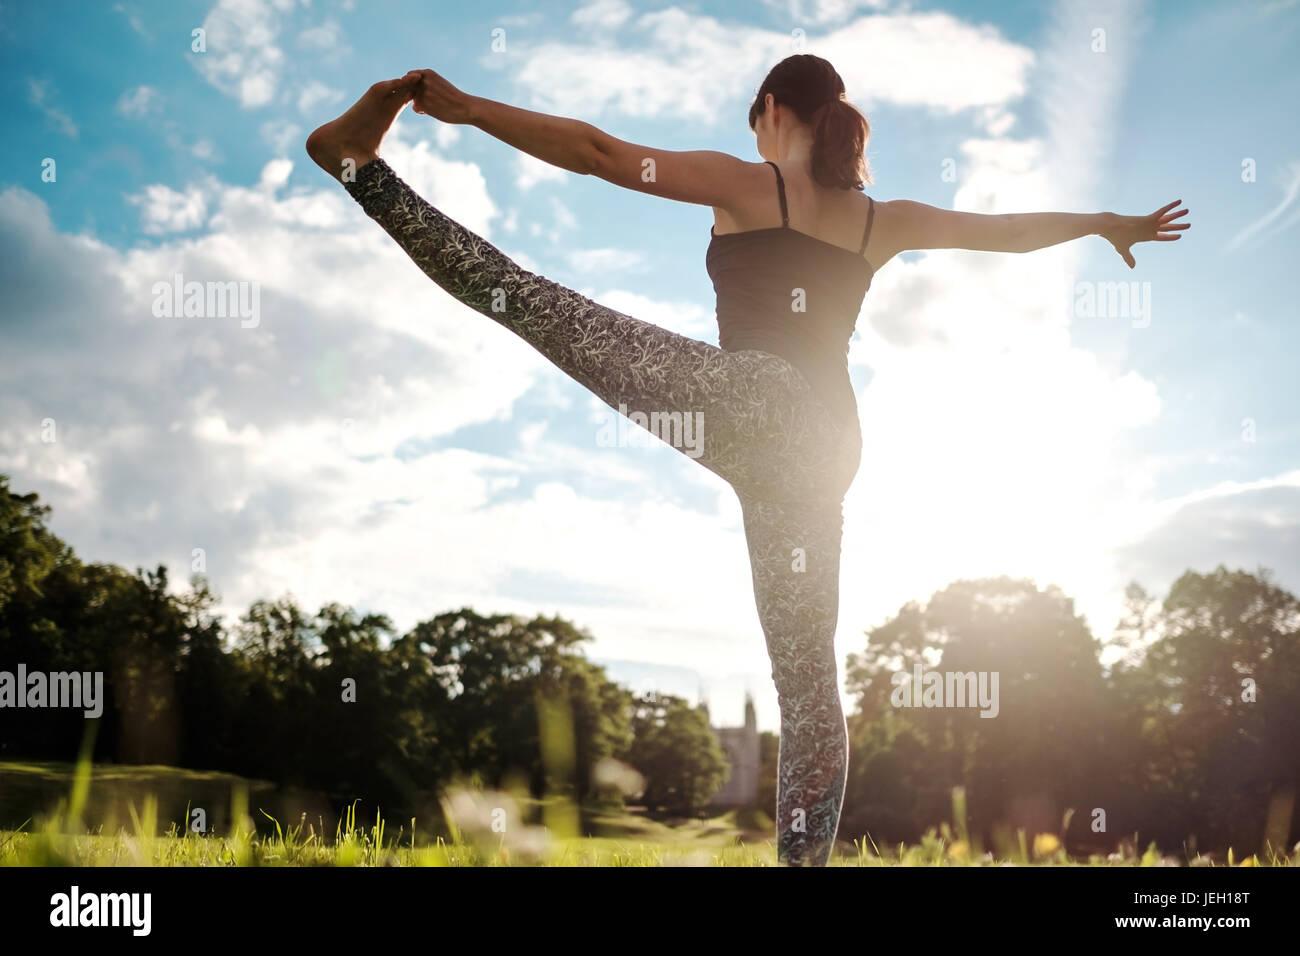 Kaukasische Frau im Yoga stehen Gleichgewicht Utthita Hasta Padangusthasana darstellen. Ansicht von hinten Stockbild